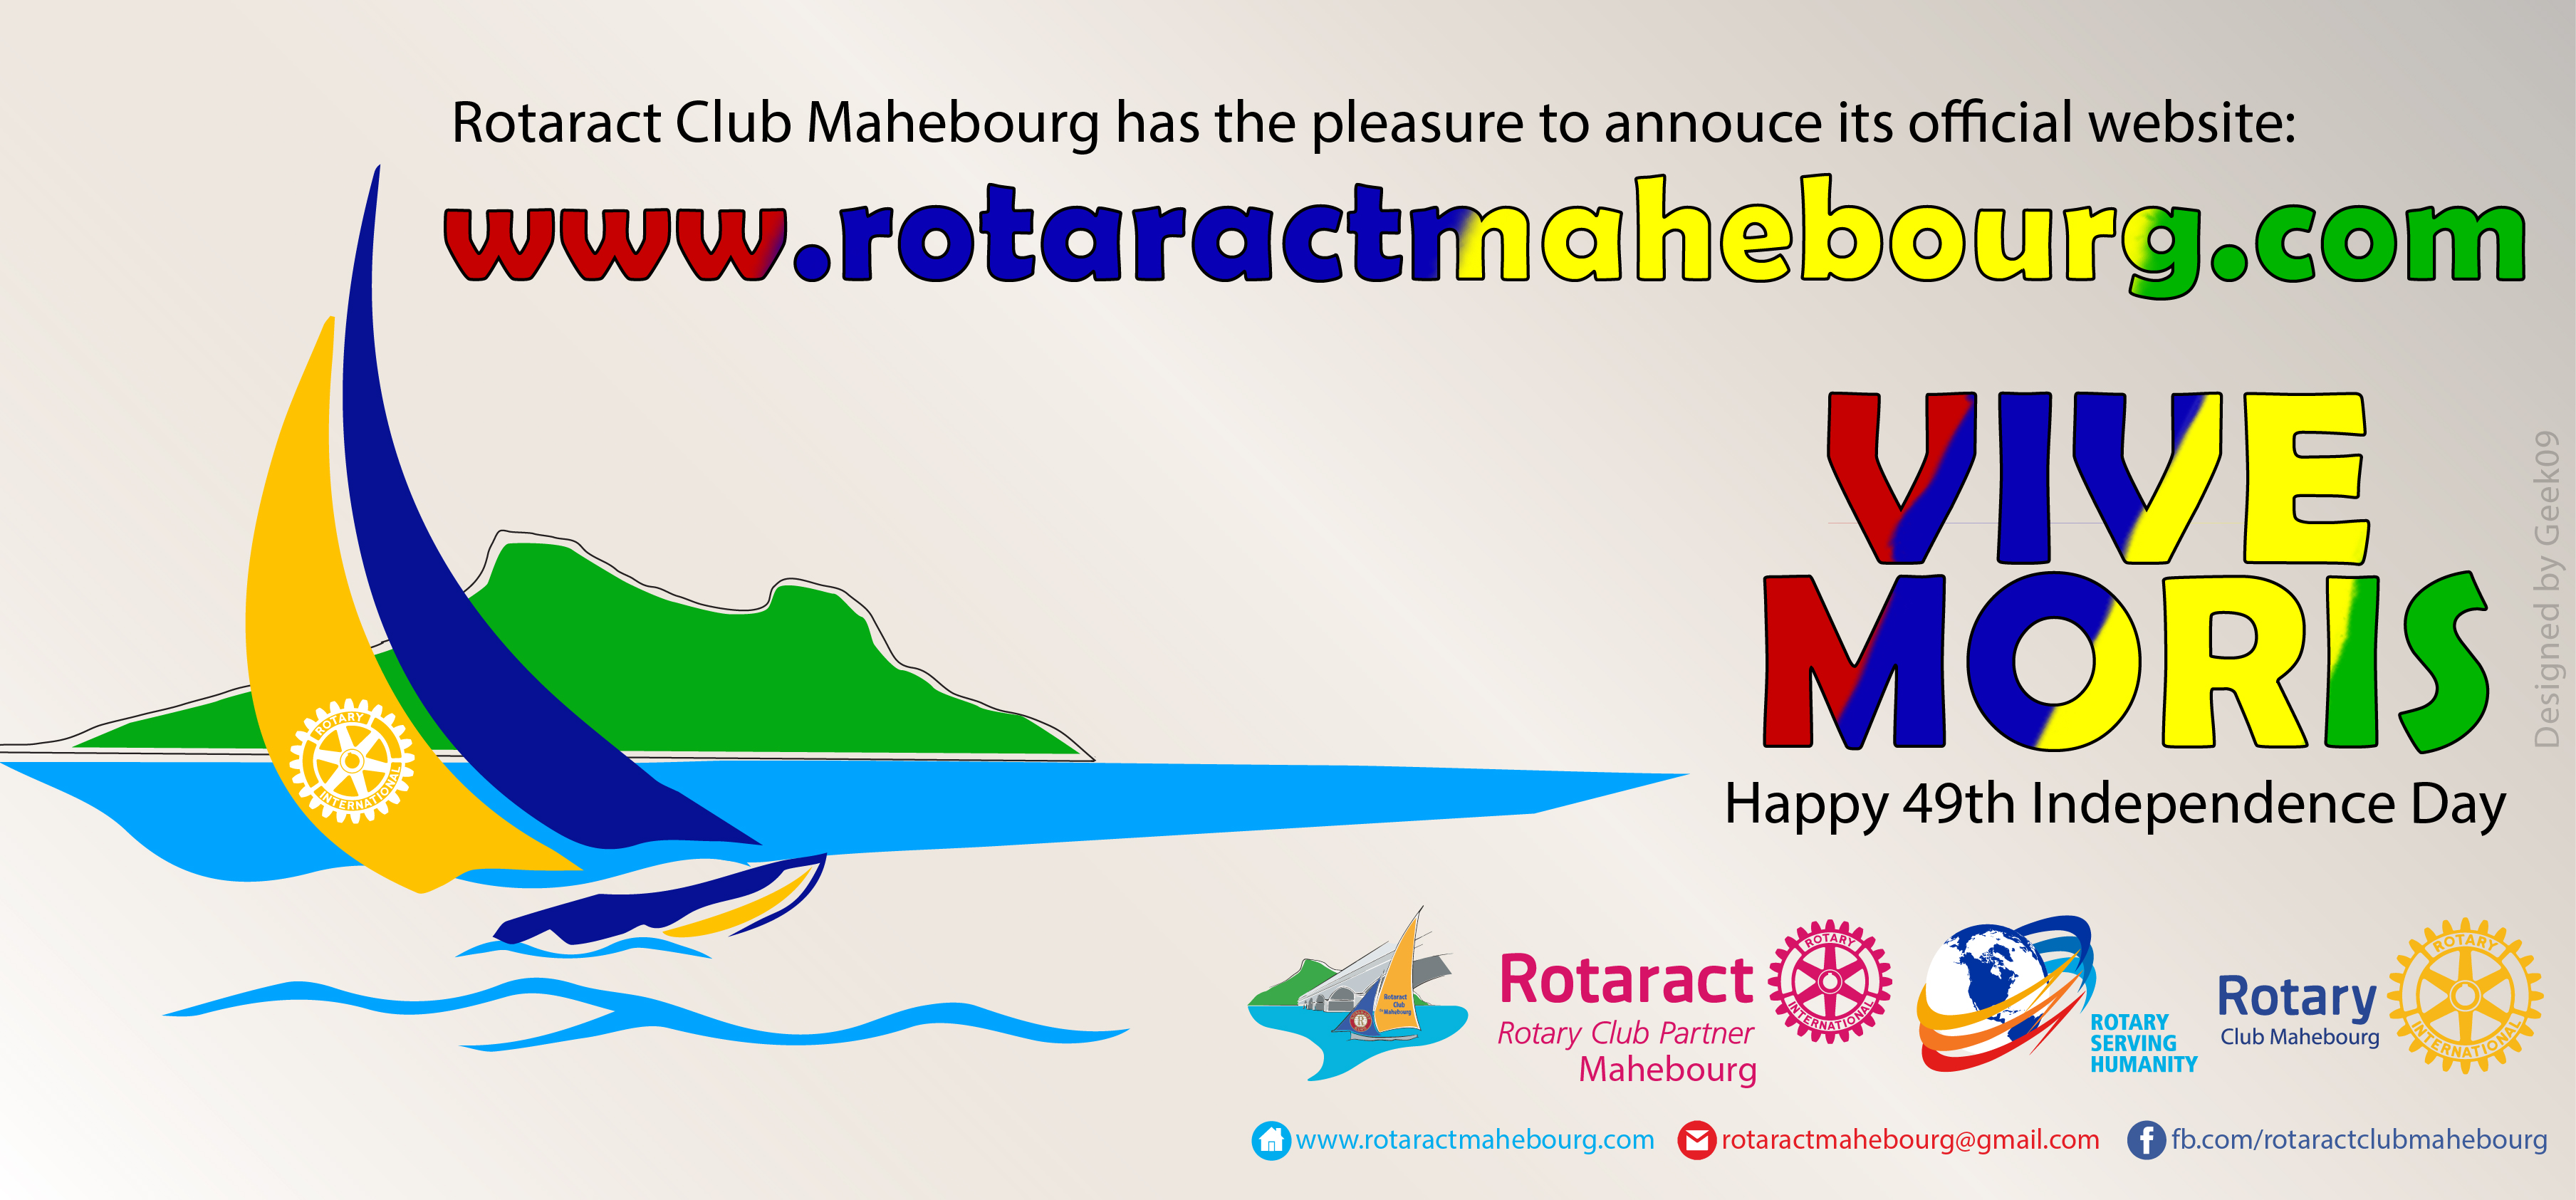 Launching of Rotaract Club Mahebourg